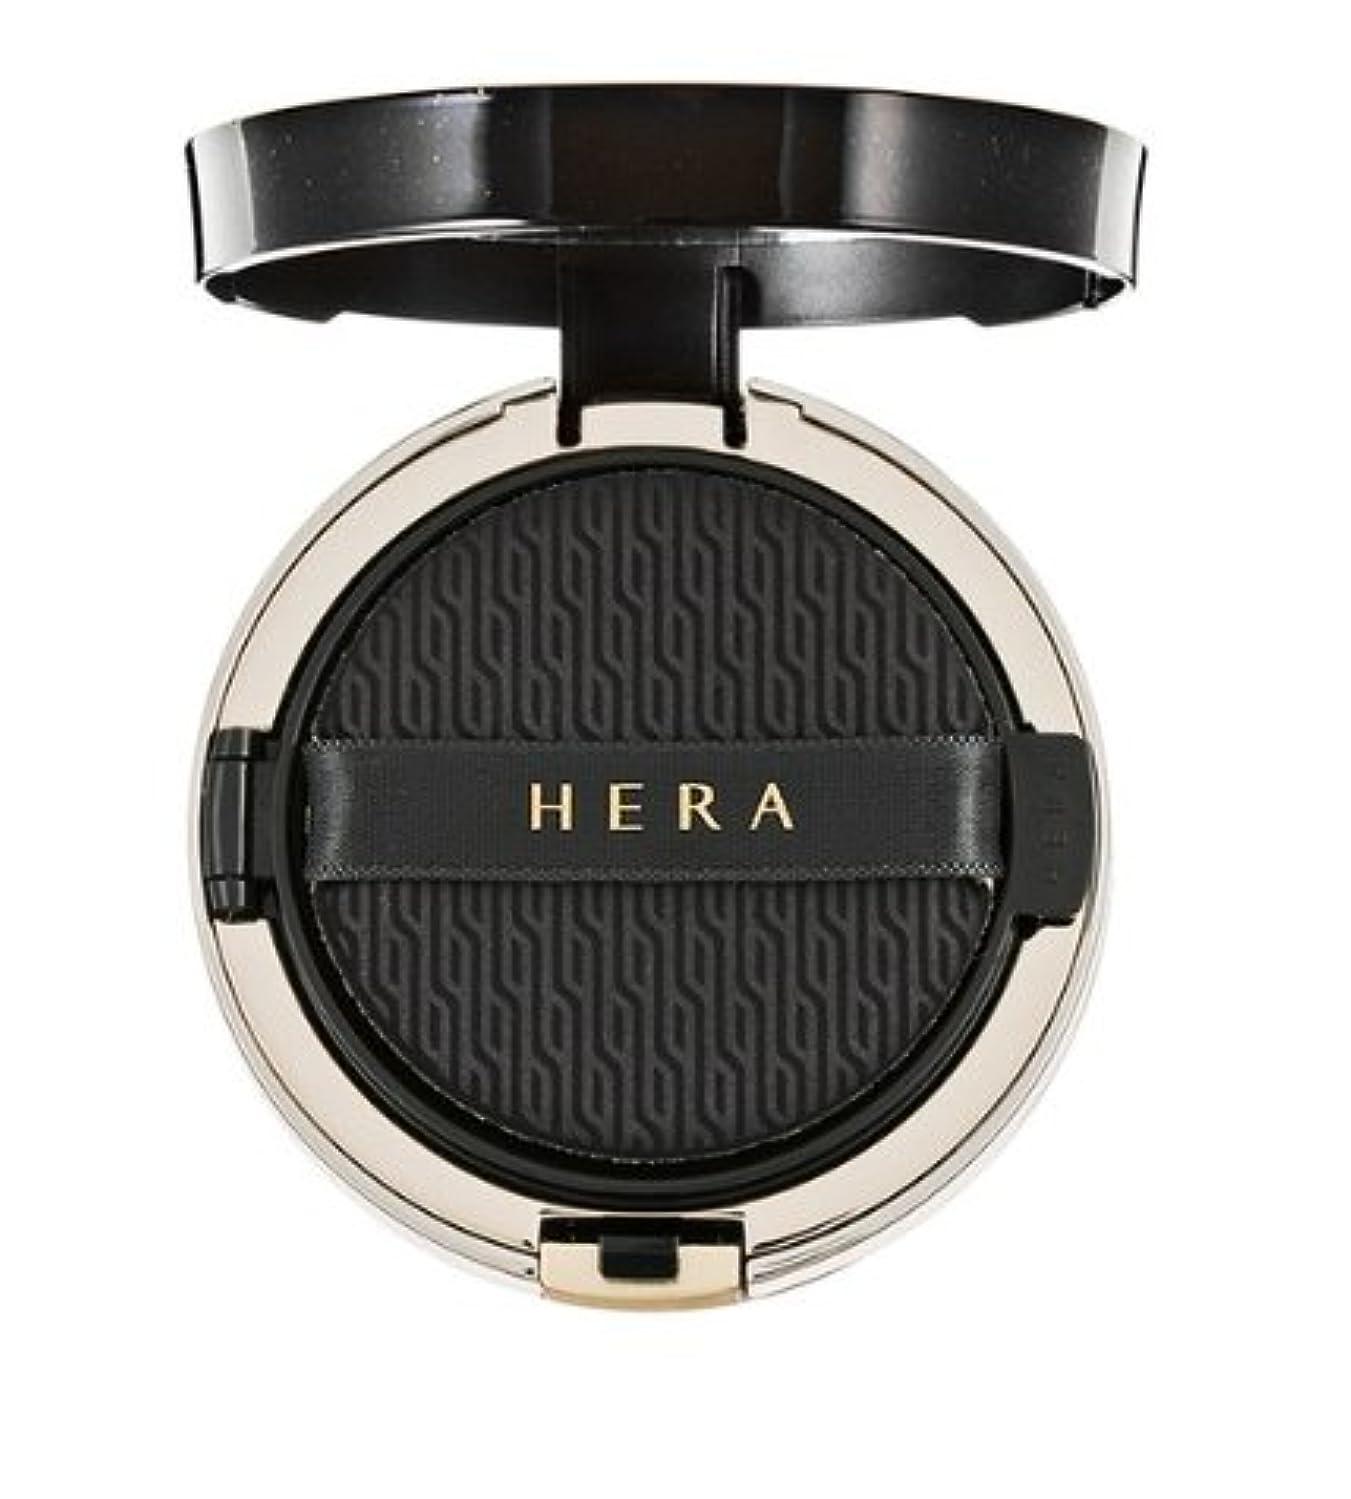 ステージ時計回りそのような(ヘラ) Hera ブラッククッション SPF34/PA++ 本品15g+リフィール15g / Black Cushion SPF34/PA++ 15g+Refil15g (No.23 Beige) (韓国直発送) shumaman